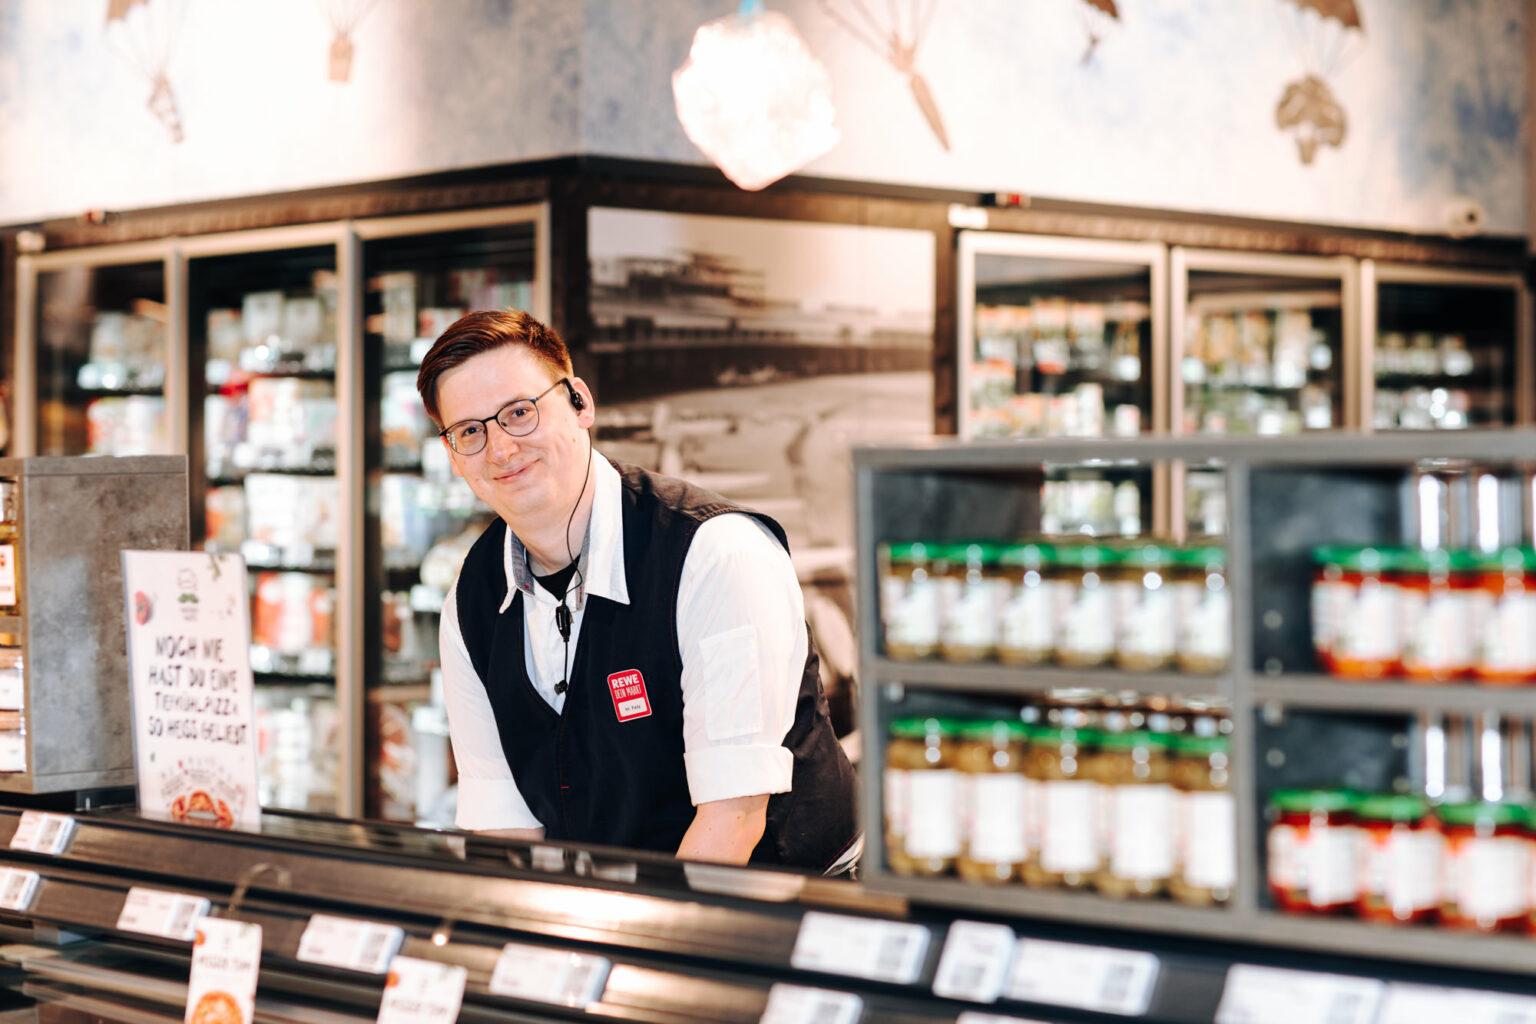 Imagefotos und Businessbilder im Einzelhandel